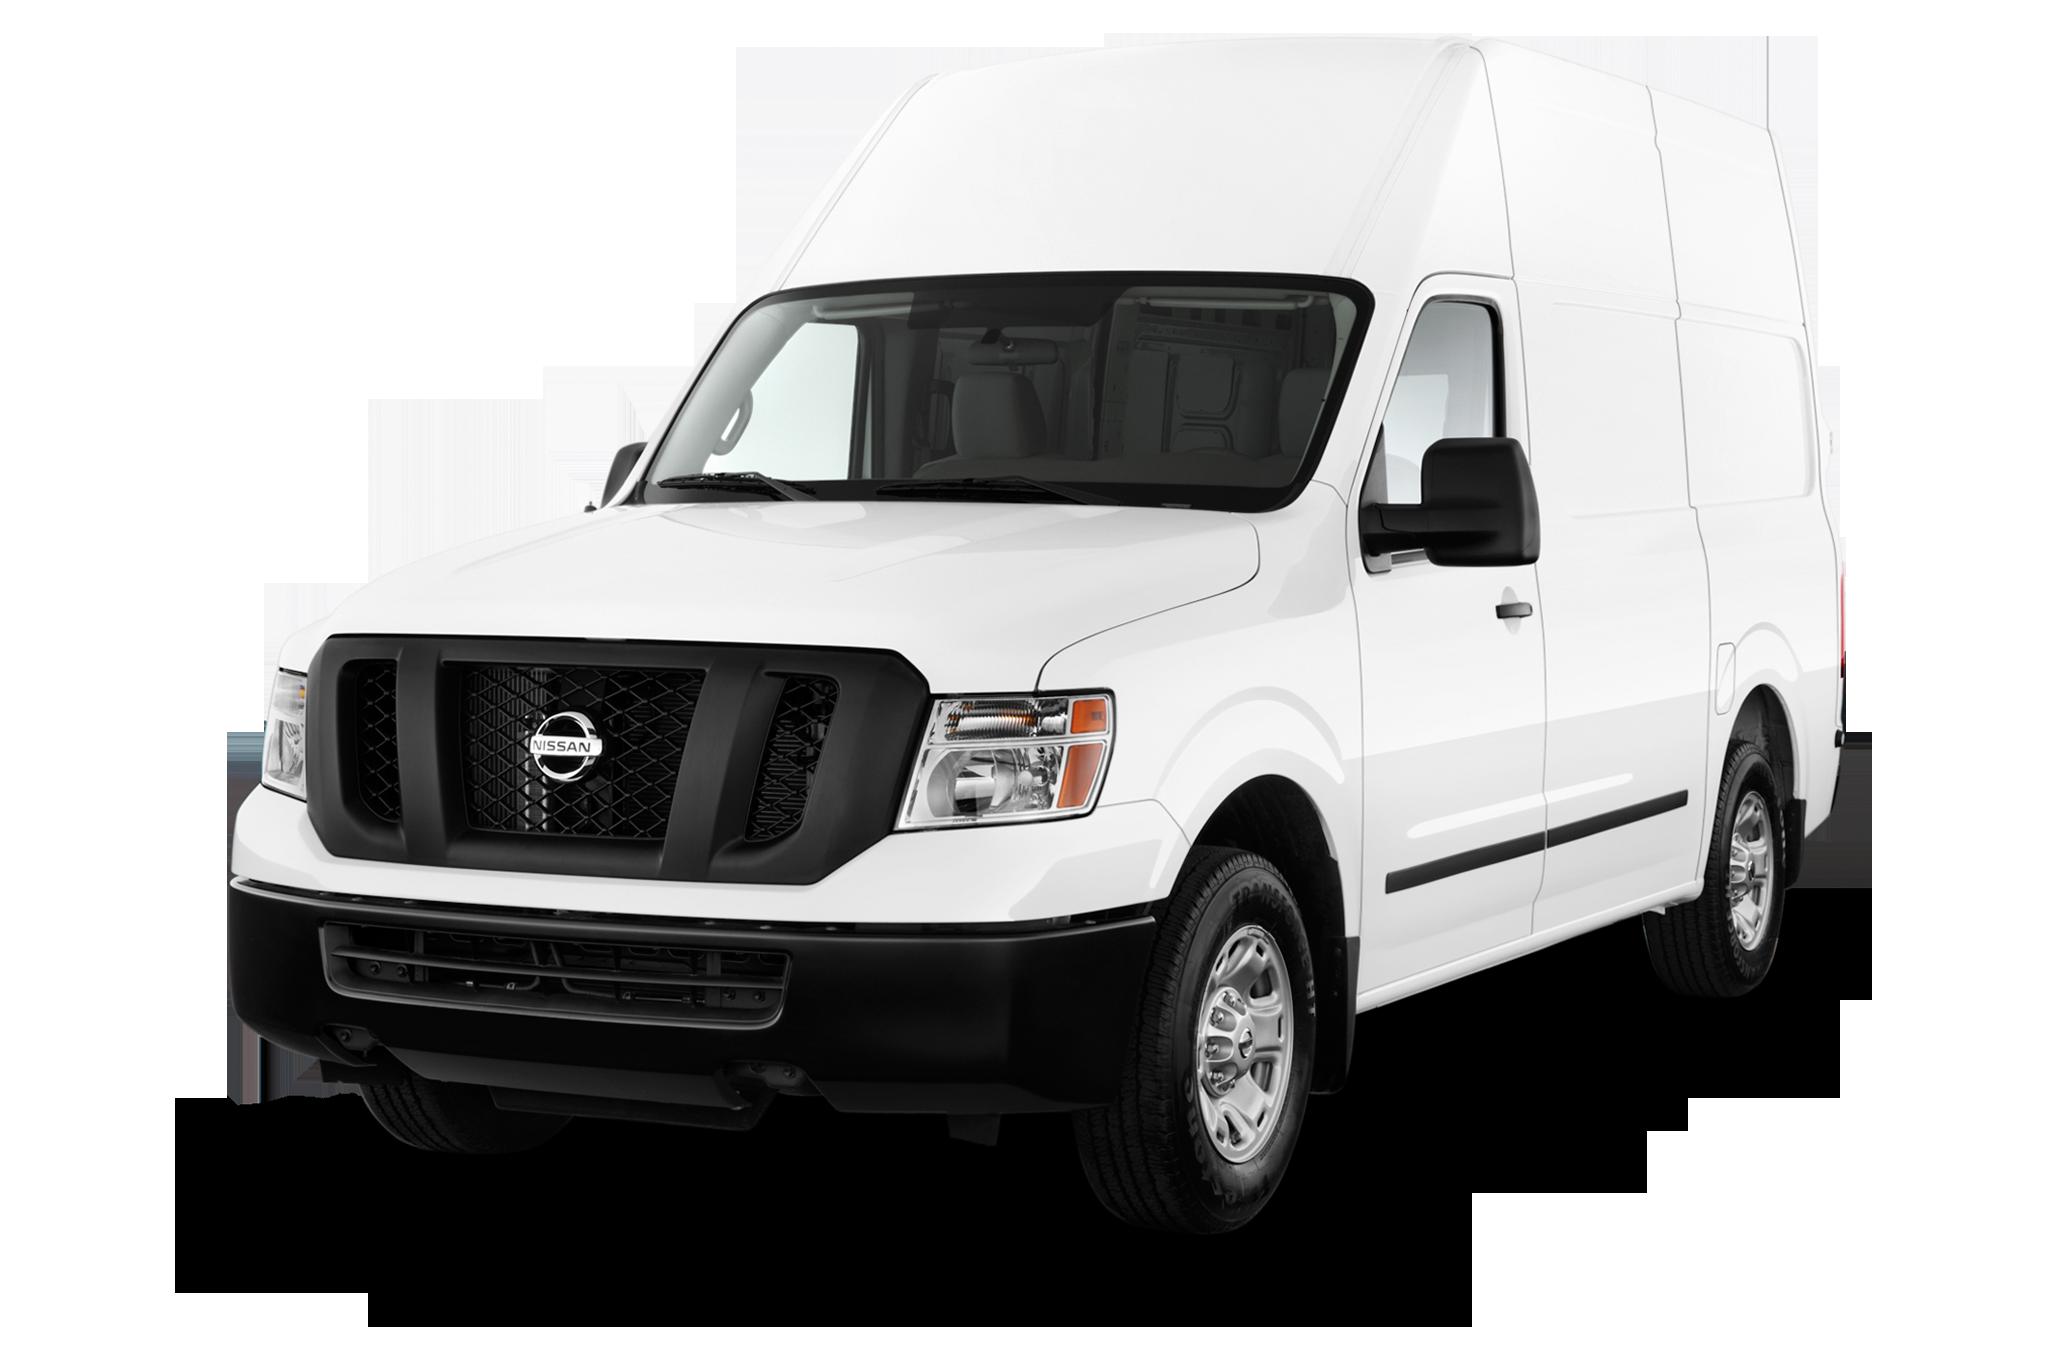 nissan lineup updated. Minivan clipart work van